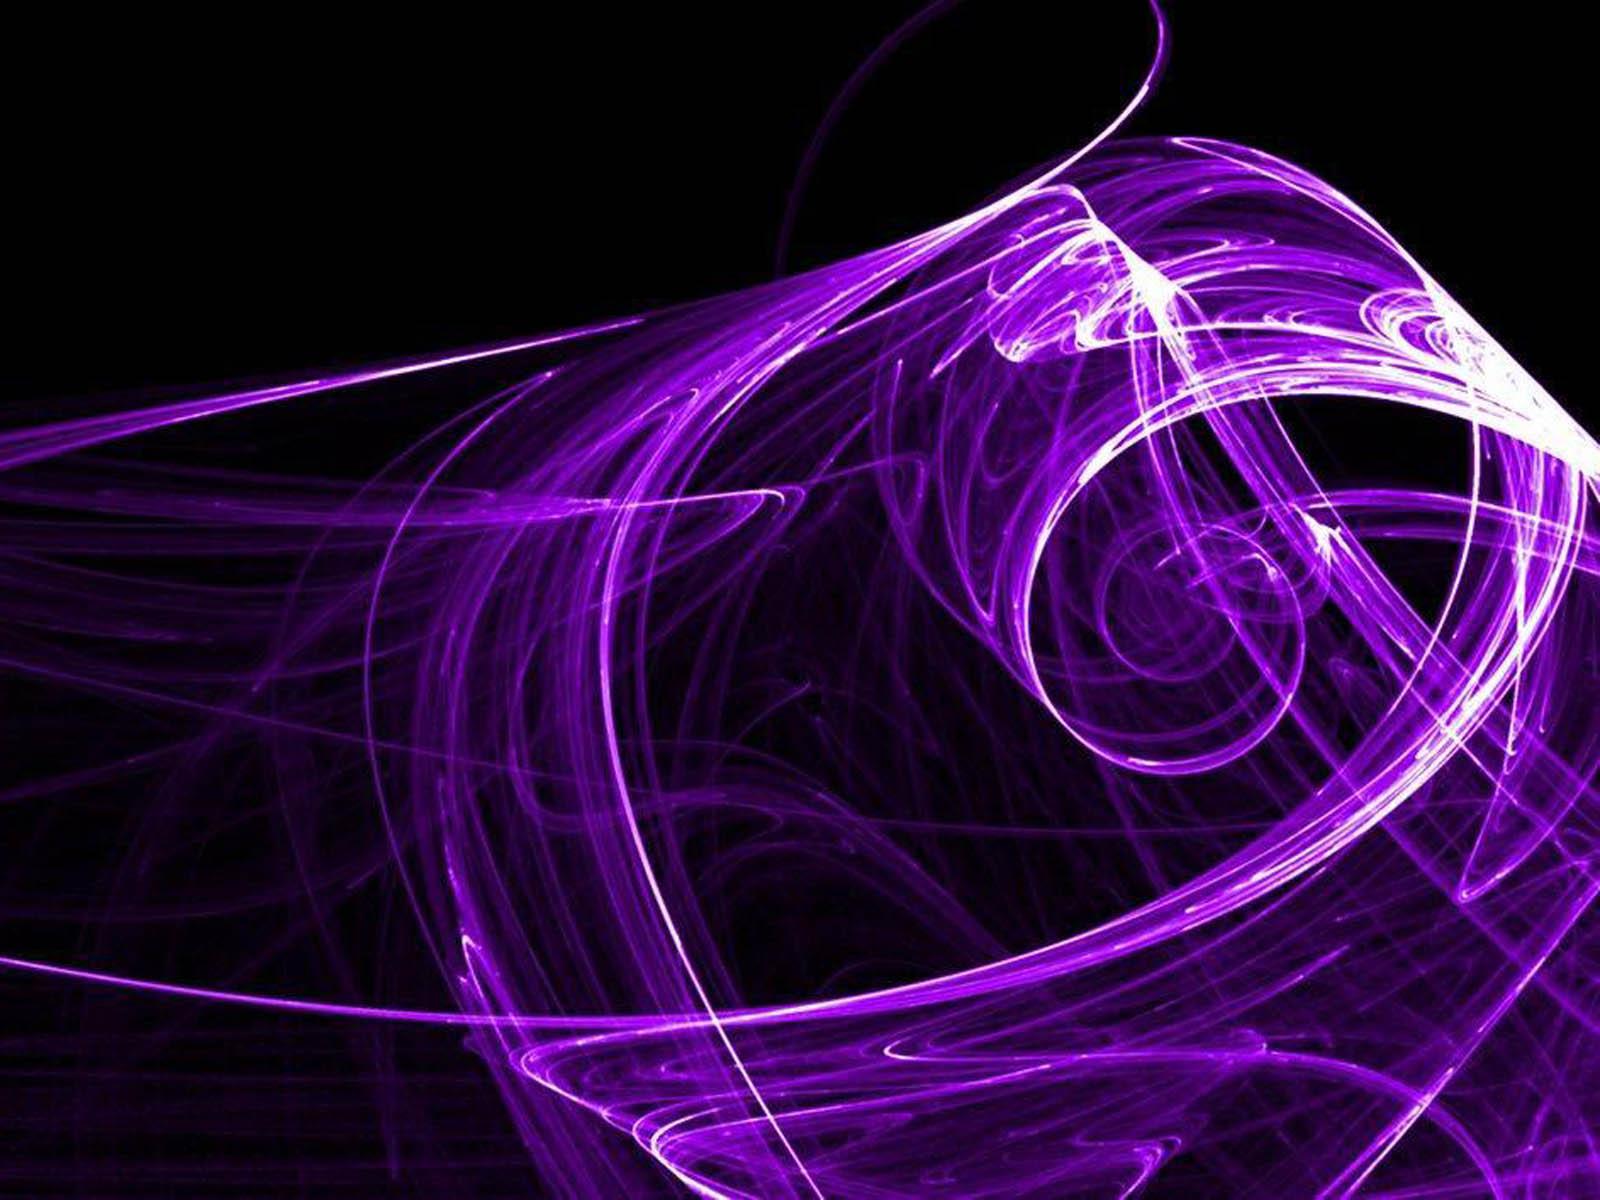 Abstract Desktop Wallpapers Purple Abstract Desktop Backgrounds 1600x1200